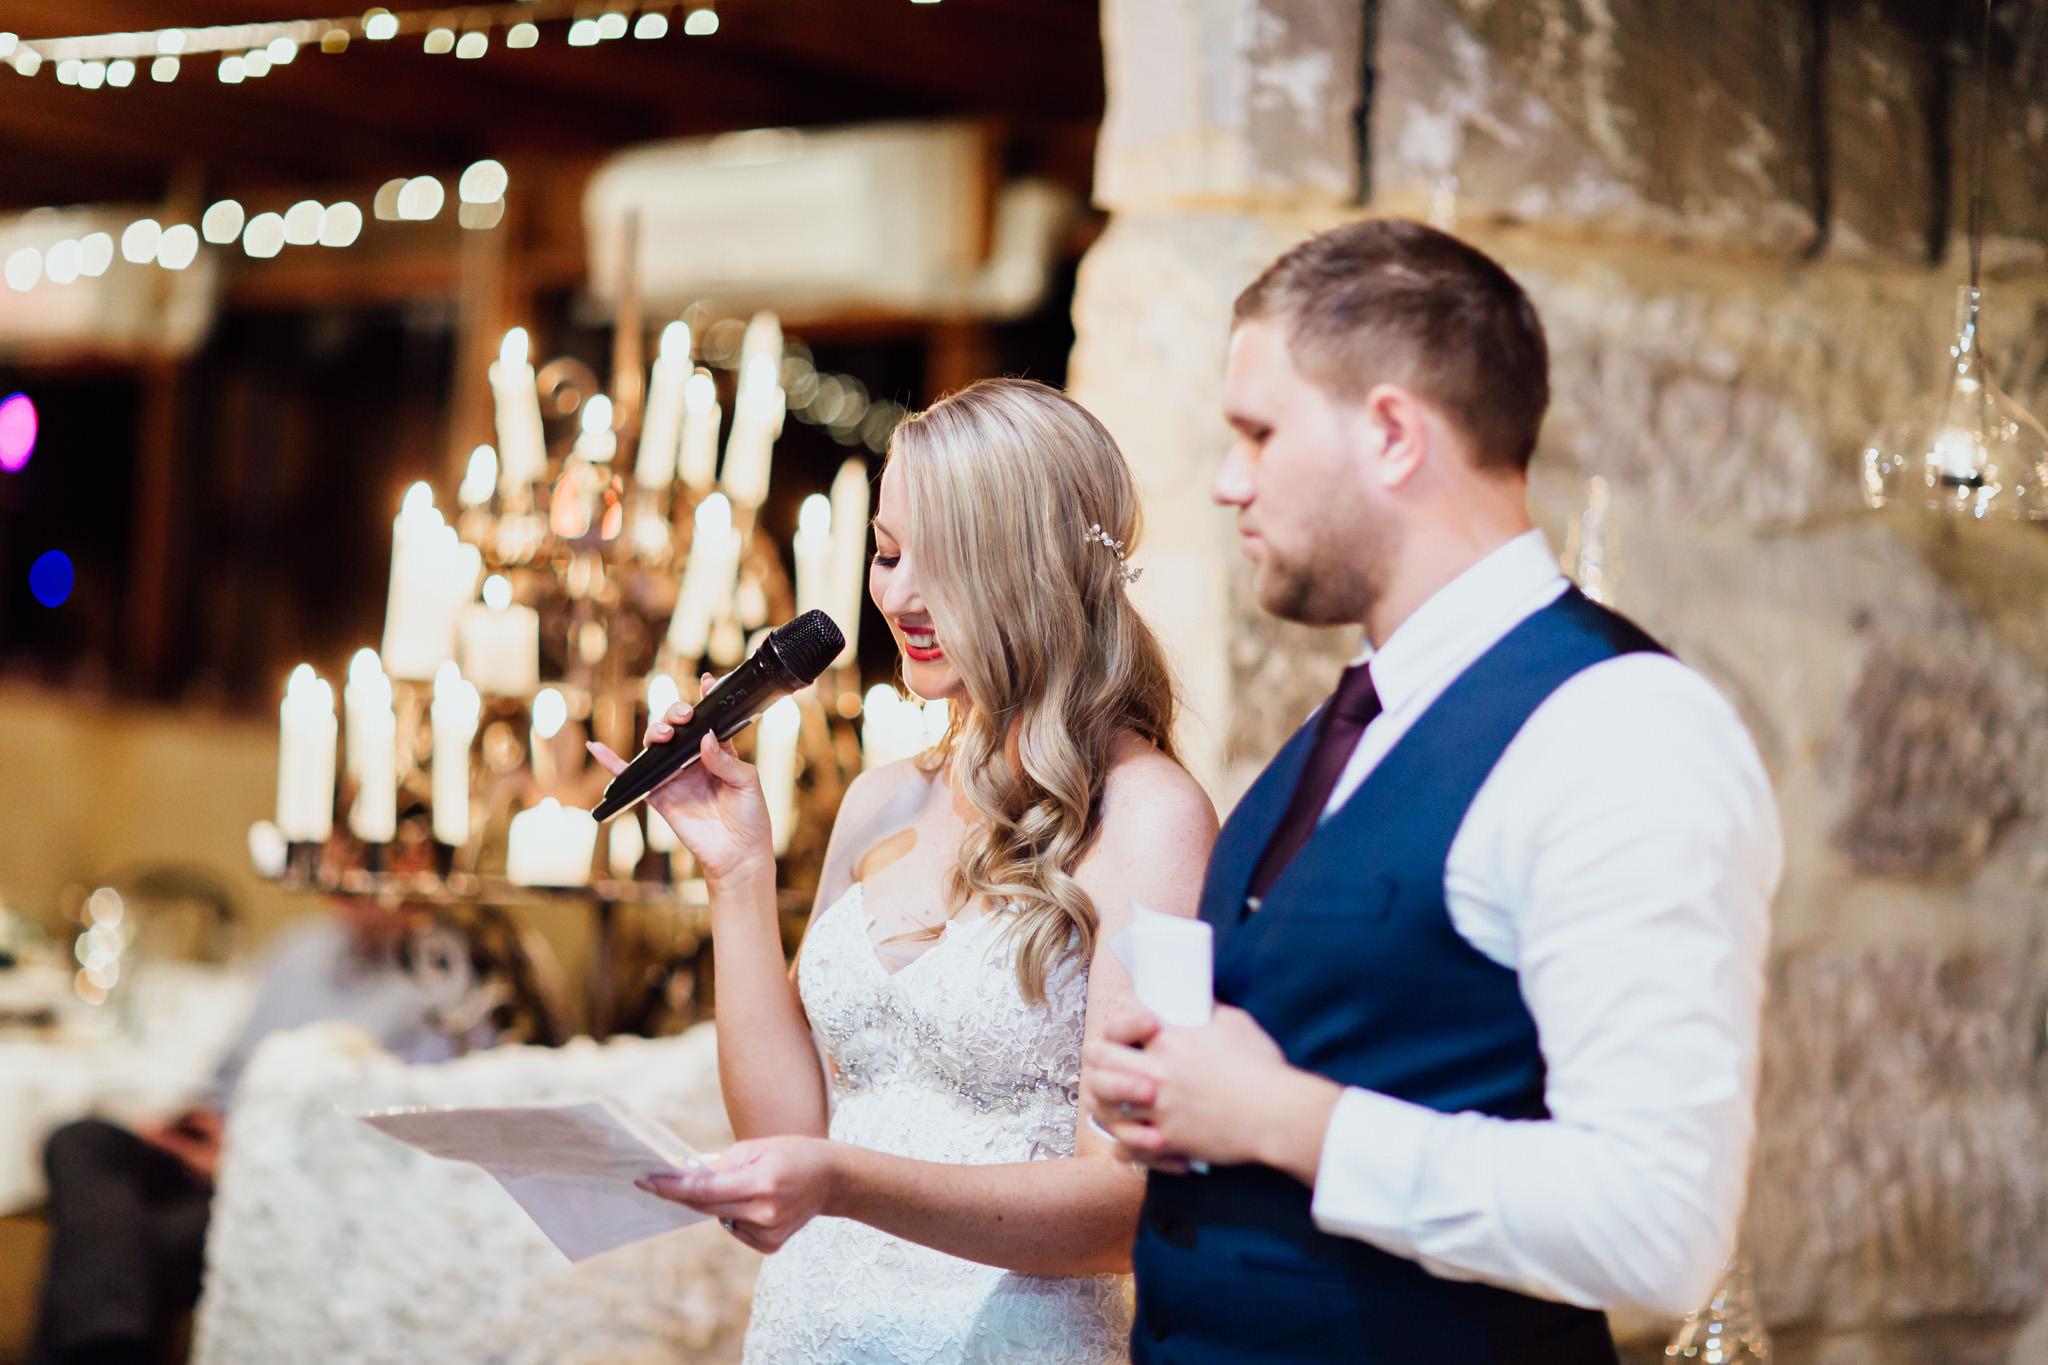 WeddingPhotos_Facebook_2048pixels-1135.jpg